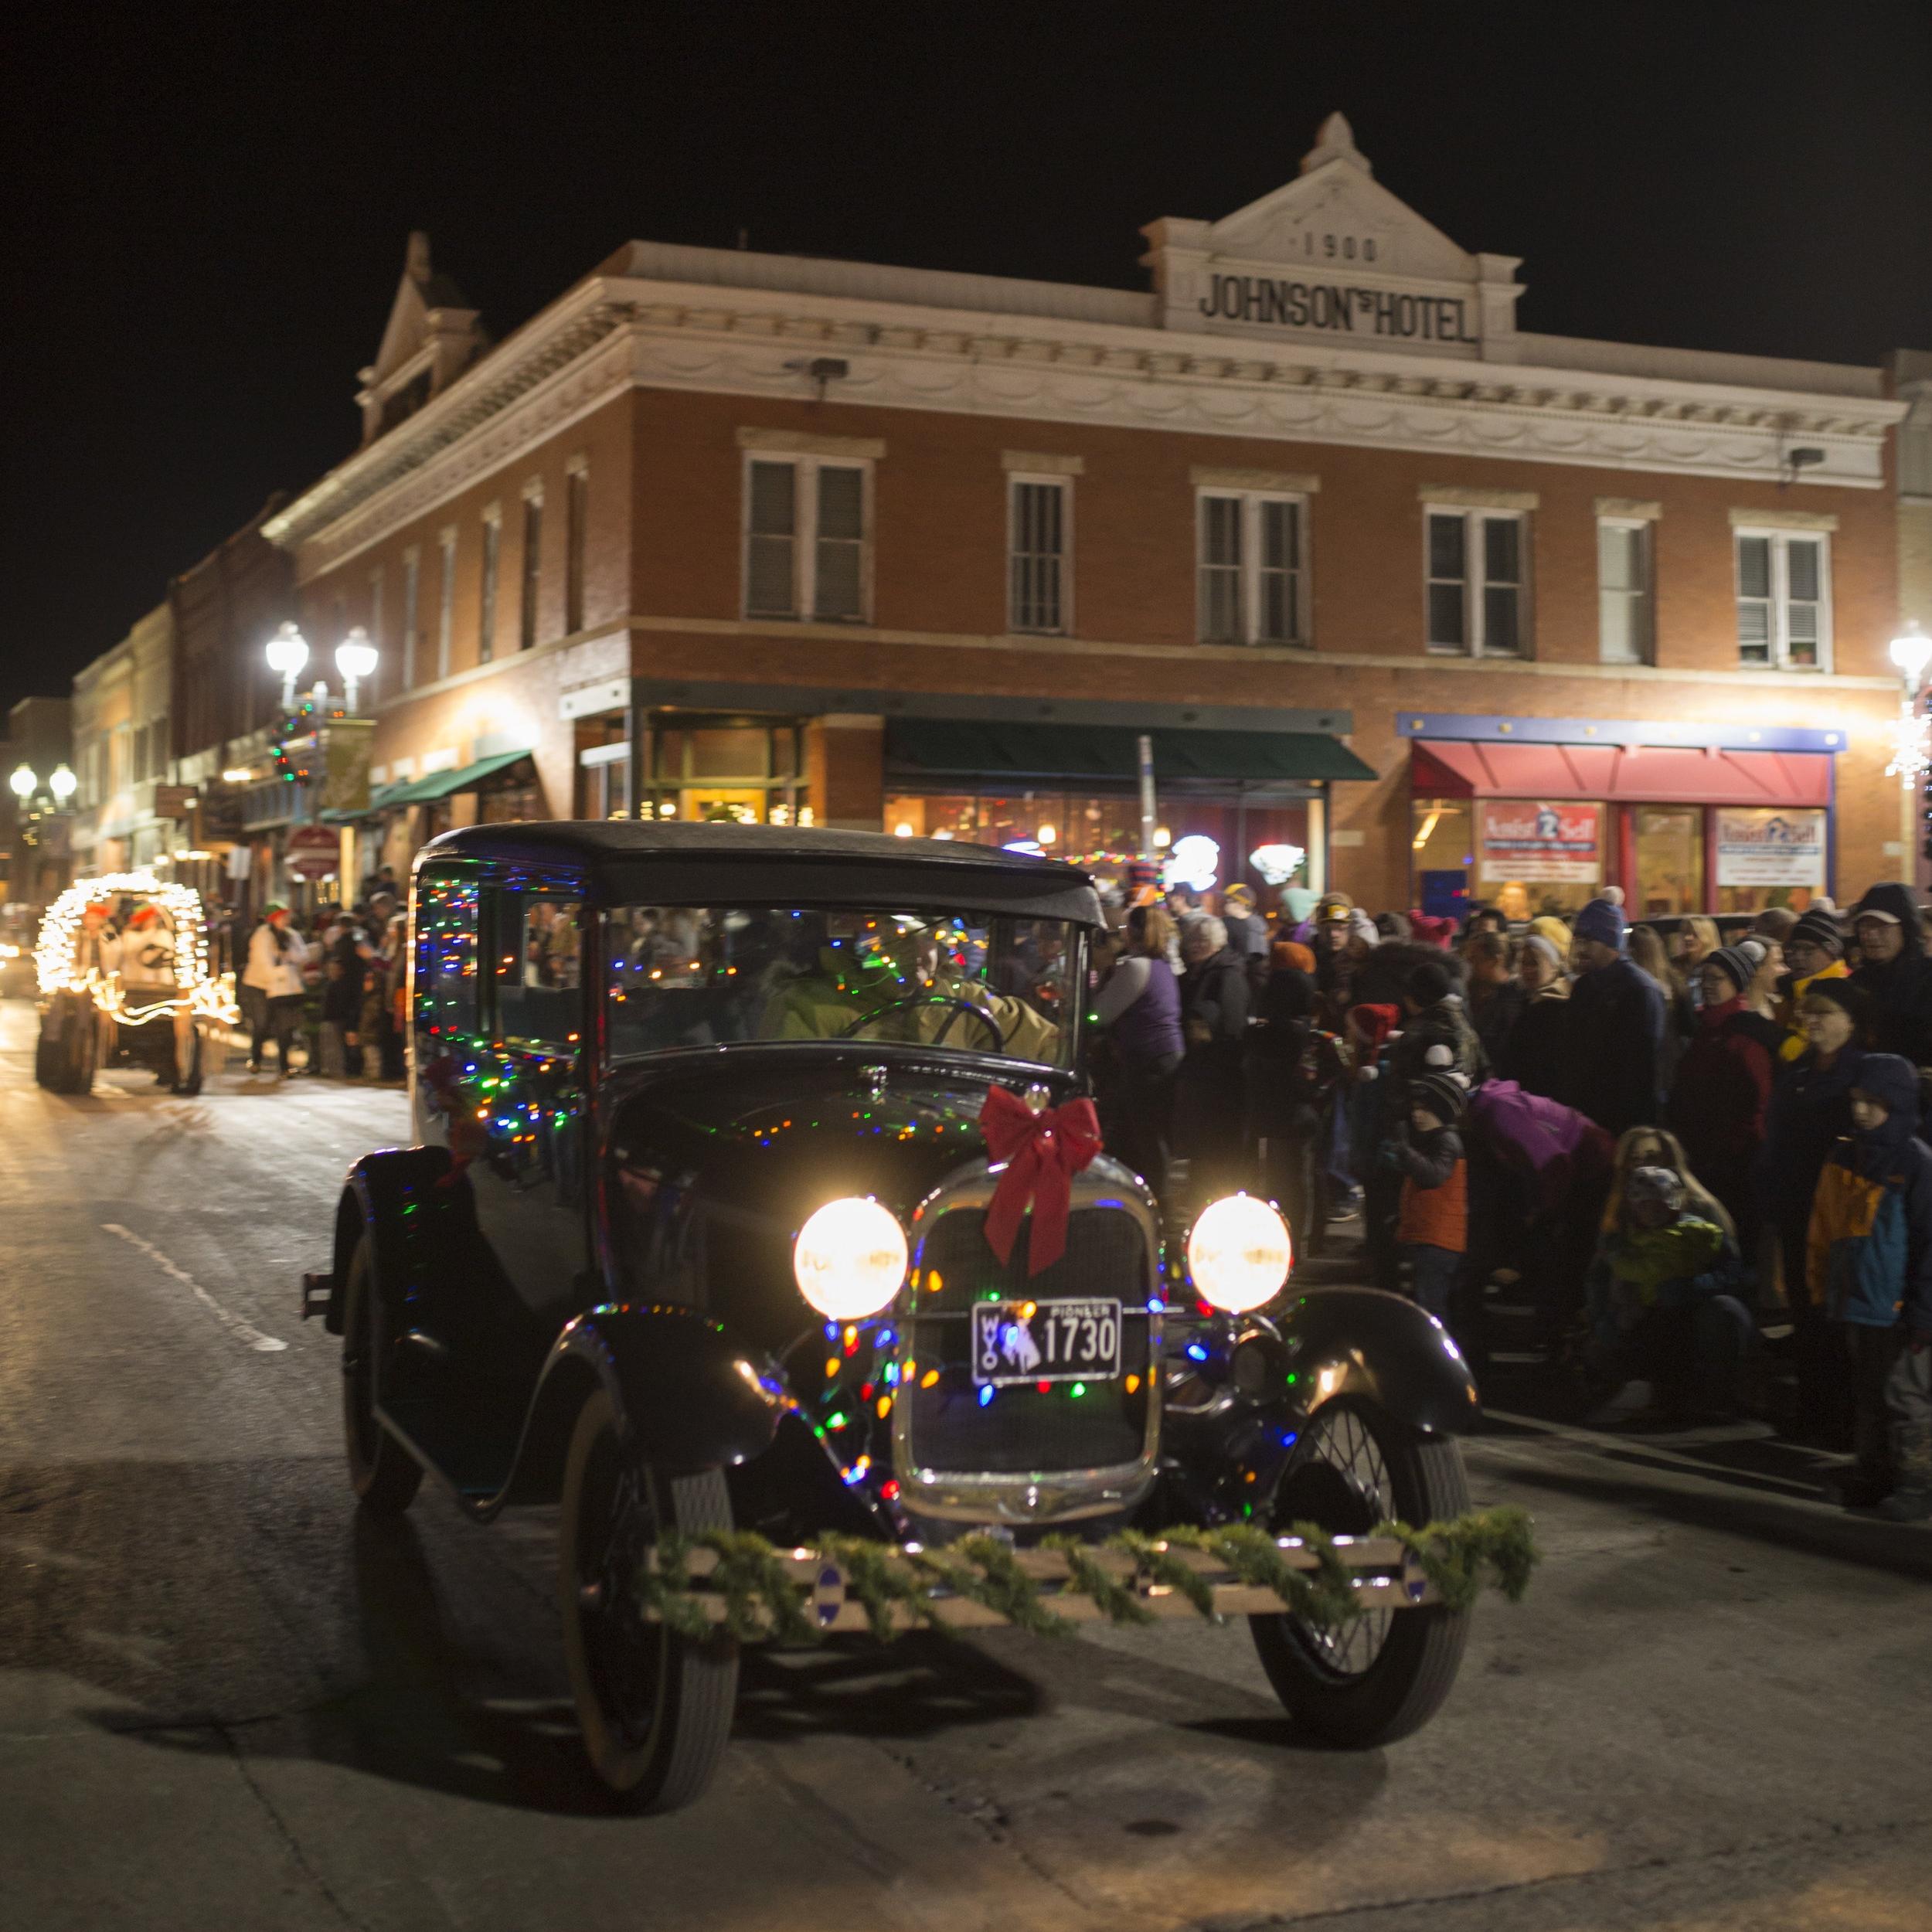 holiday parade & tree lighting - December 7